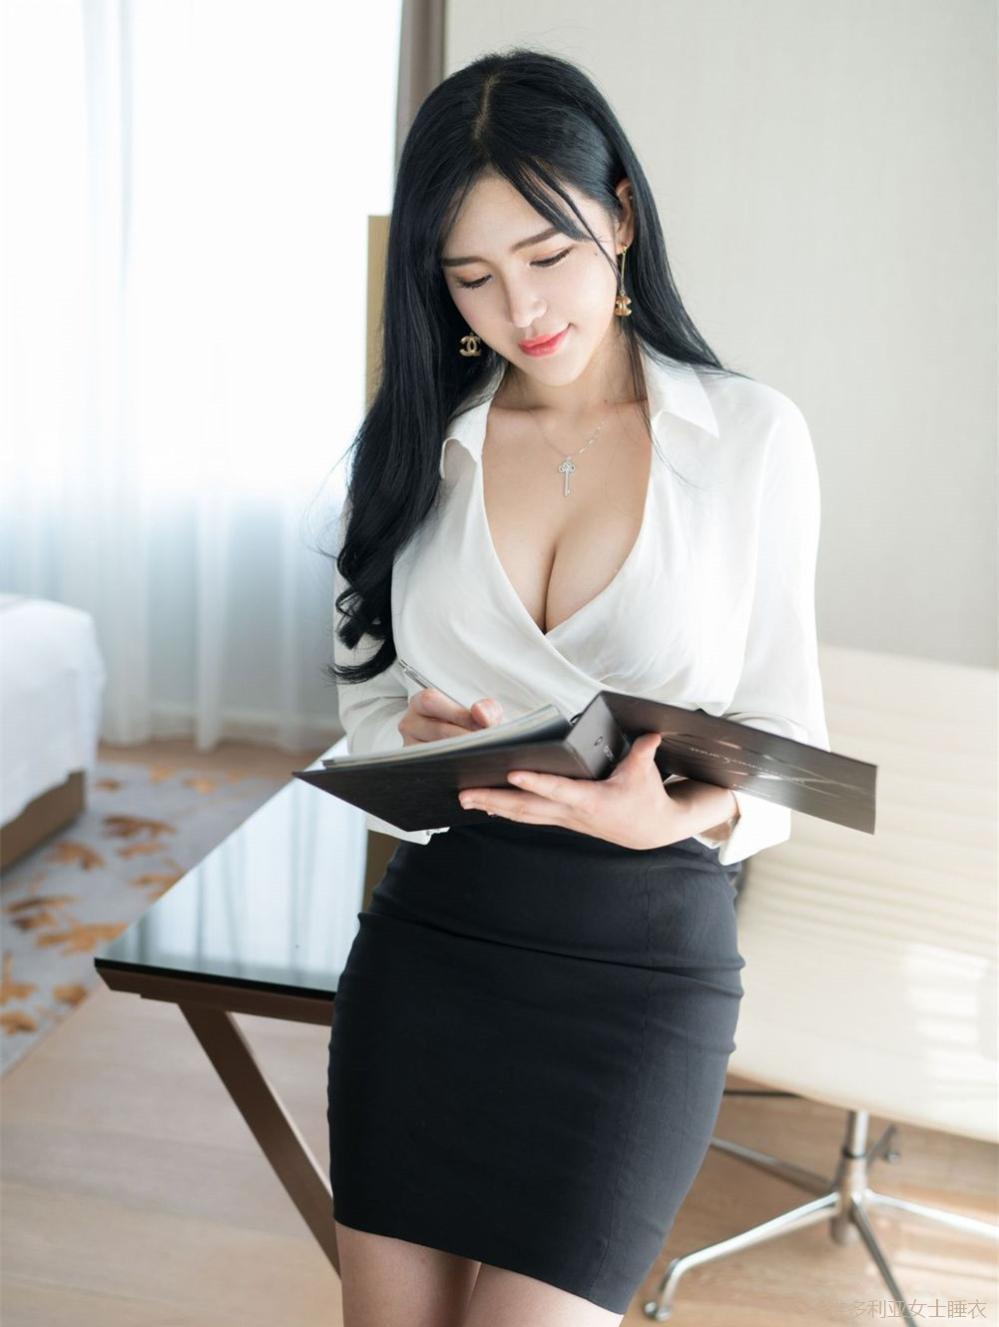 丰腴身材的女秘书穿高腰包臀裙尽显妩媚感, 老板特别赏识 5